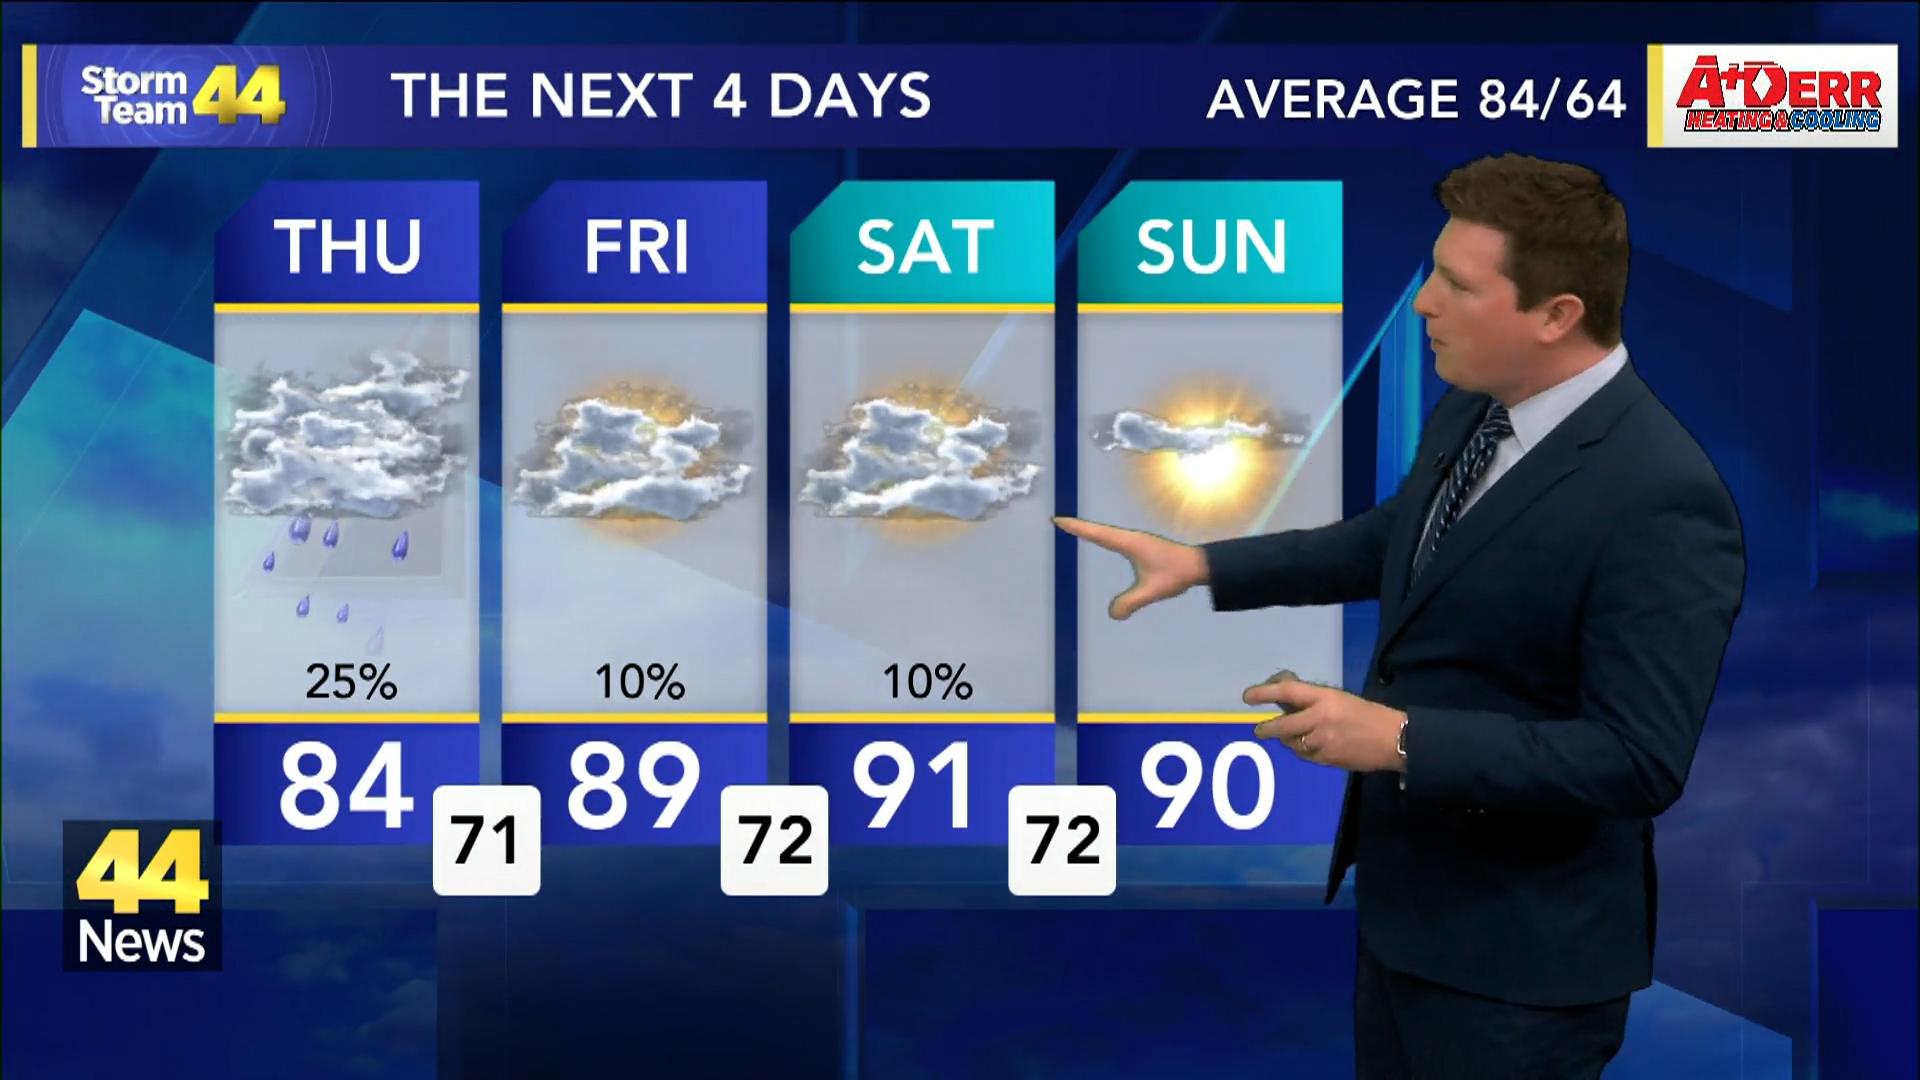 Image for Storm Team 44 Wednesday Evening Forecast